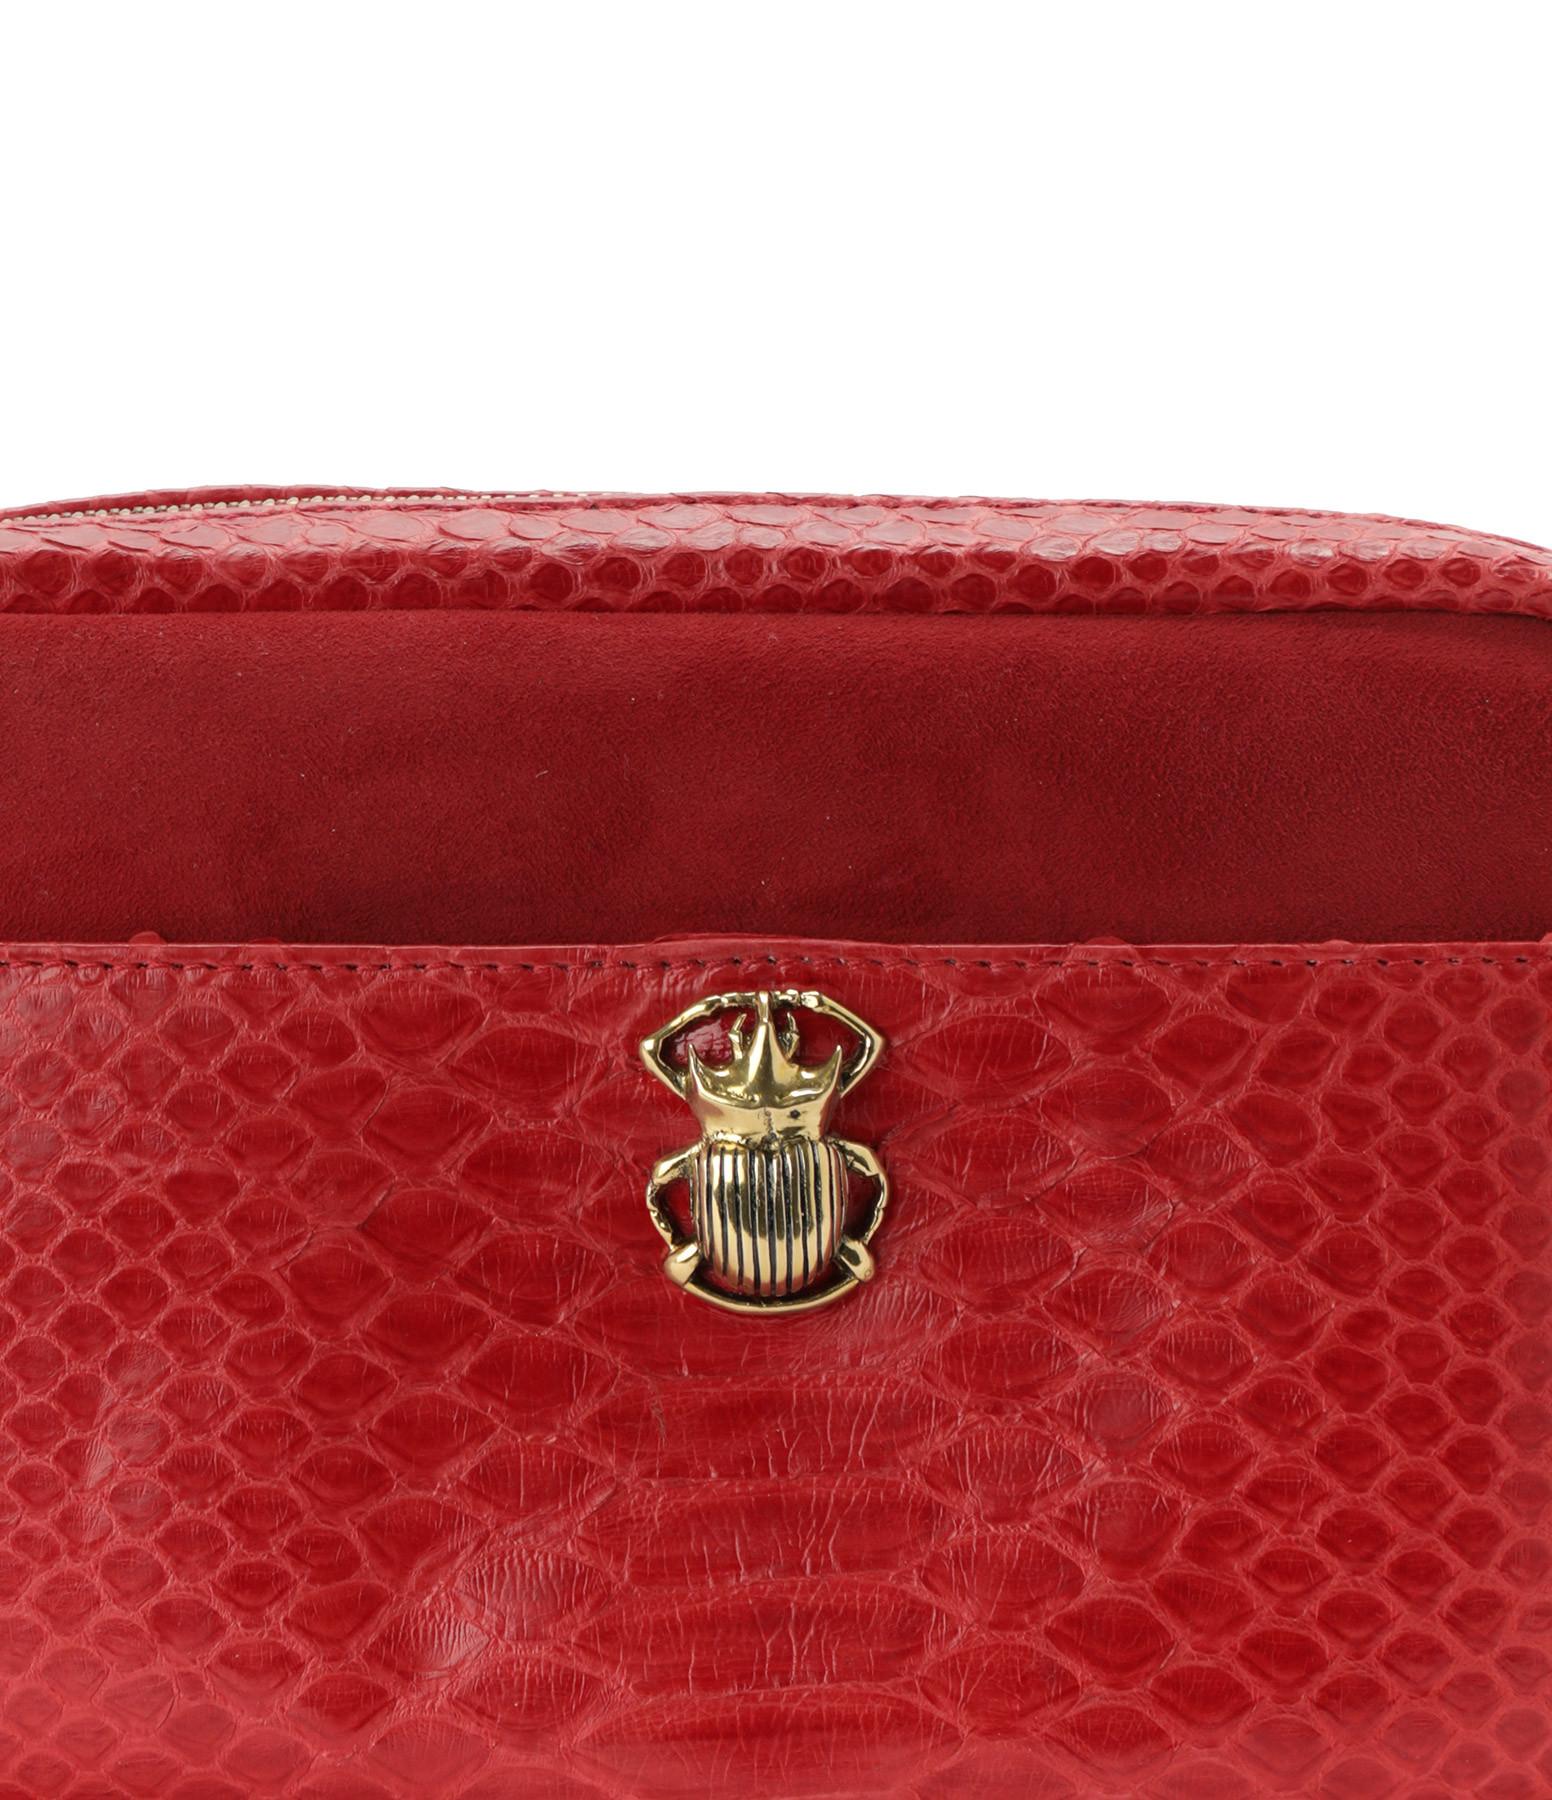 CLARIS VIROT - Sac Lily Python Rouge